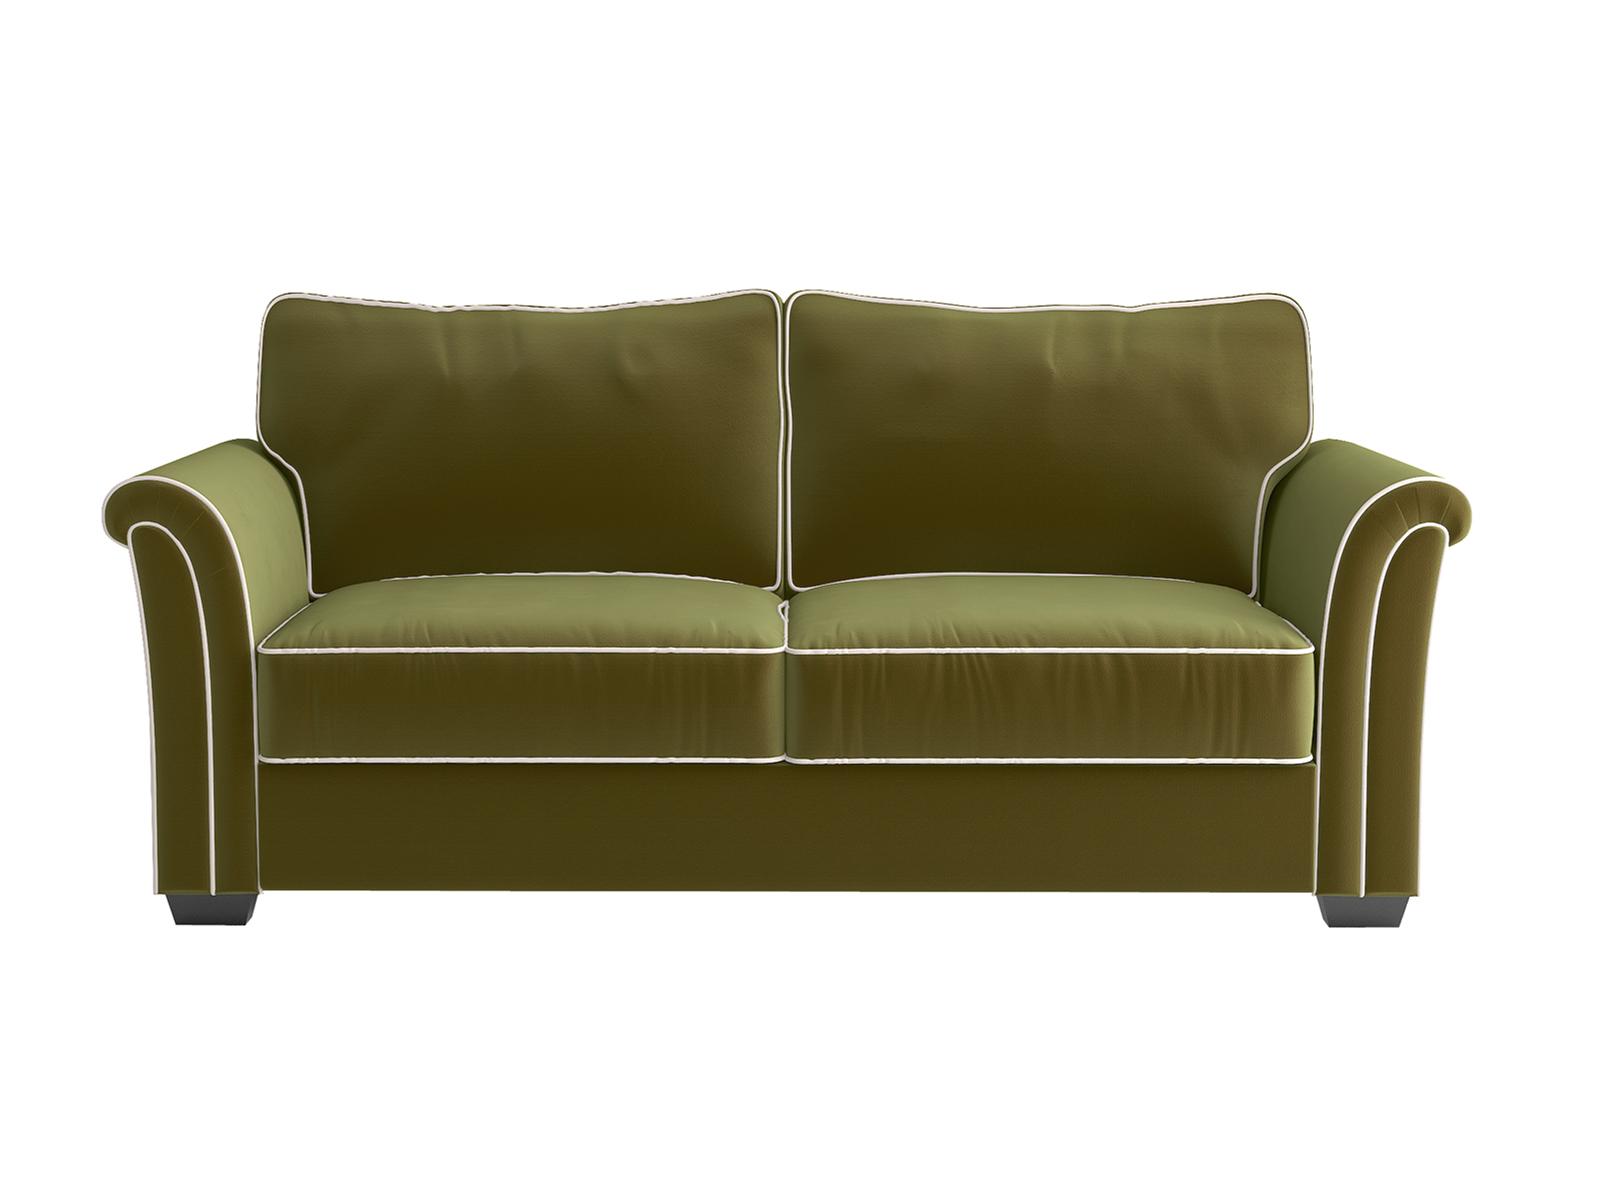 Диван-кровать SydПрямые раскладные диваны<br>&amp;lt;div&amp;gt;Диван-кровать двухместный с мягким удобным сиденьем и механизмом трансформации Sedaflex.&amp;amp;nbsp;&amp;lt;/div&amp;gt;&amp;lt;div&amp;gt;&amp;lt;br&amp;gt;&amp;lt;/div&amp;gt;&amp;lt;div&amp;gt;Материалы:&amp;lt;/div&amp;gt;&amp;lt;div&amp;gt;Каркас: деревянный брус, фанера.&amp;lt;/div&amp;gt;&amp;lt;div&amp;gt;Подушки спинок: синтетическое волокно «синтепух».&amp;lt;/div&amp;gt;&amp;lt;div&amp;gt;Подушки сидений: пенополиуретан, синтепон, пружинный блок.&amp;lt;/div&amp;gt;&amp;lt;div&amp;gt;Лицевые чехлы подушек съёмные.&amp;lt;/div&amp;gt;&amp;lt;div&amp;gt;Обивка: 100% полиэстер.&amp;lt;/div&amp;gt;&amp;lt;div&amp;gt;&amp;lt;br&amp;gt;&amp;lt;/div&amp;gt;&amp;lt;div&amp;gt;Ширина сиденья:158 см&amp;lt;/div&amp;gt;&amp;lt;div&amp;gt;Глубина сиденья:57 см&amp;lt;/div&amp;gt;&amp;lt;div&amp;gt;Высота сиденья:48 см&amp;lt;/div&amp;gt;&amp;lt;div&amp;gt;Высота подлокотников:75 см&amp;lt;/div&amp;gt;&amp;lt;div&amp;gt;Размер спального места 184х133 см.&amp;lt;/div&amp;gt;<br><br>Material: Текстиль<br>Ширина см: 205<br>Высота см: 97<br>Глубина см: 103